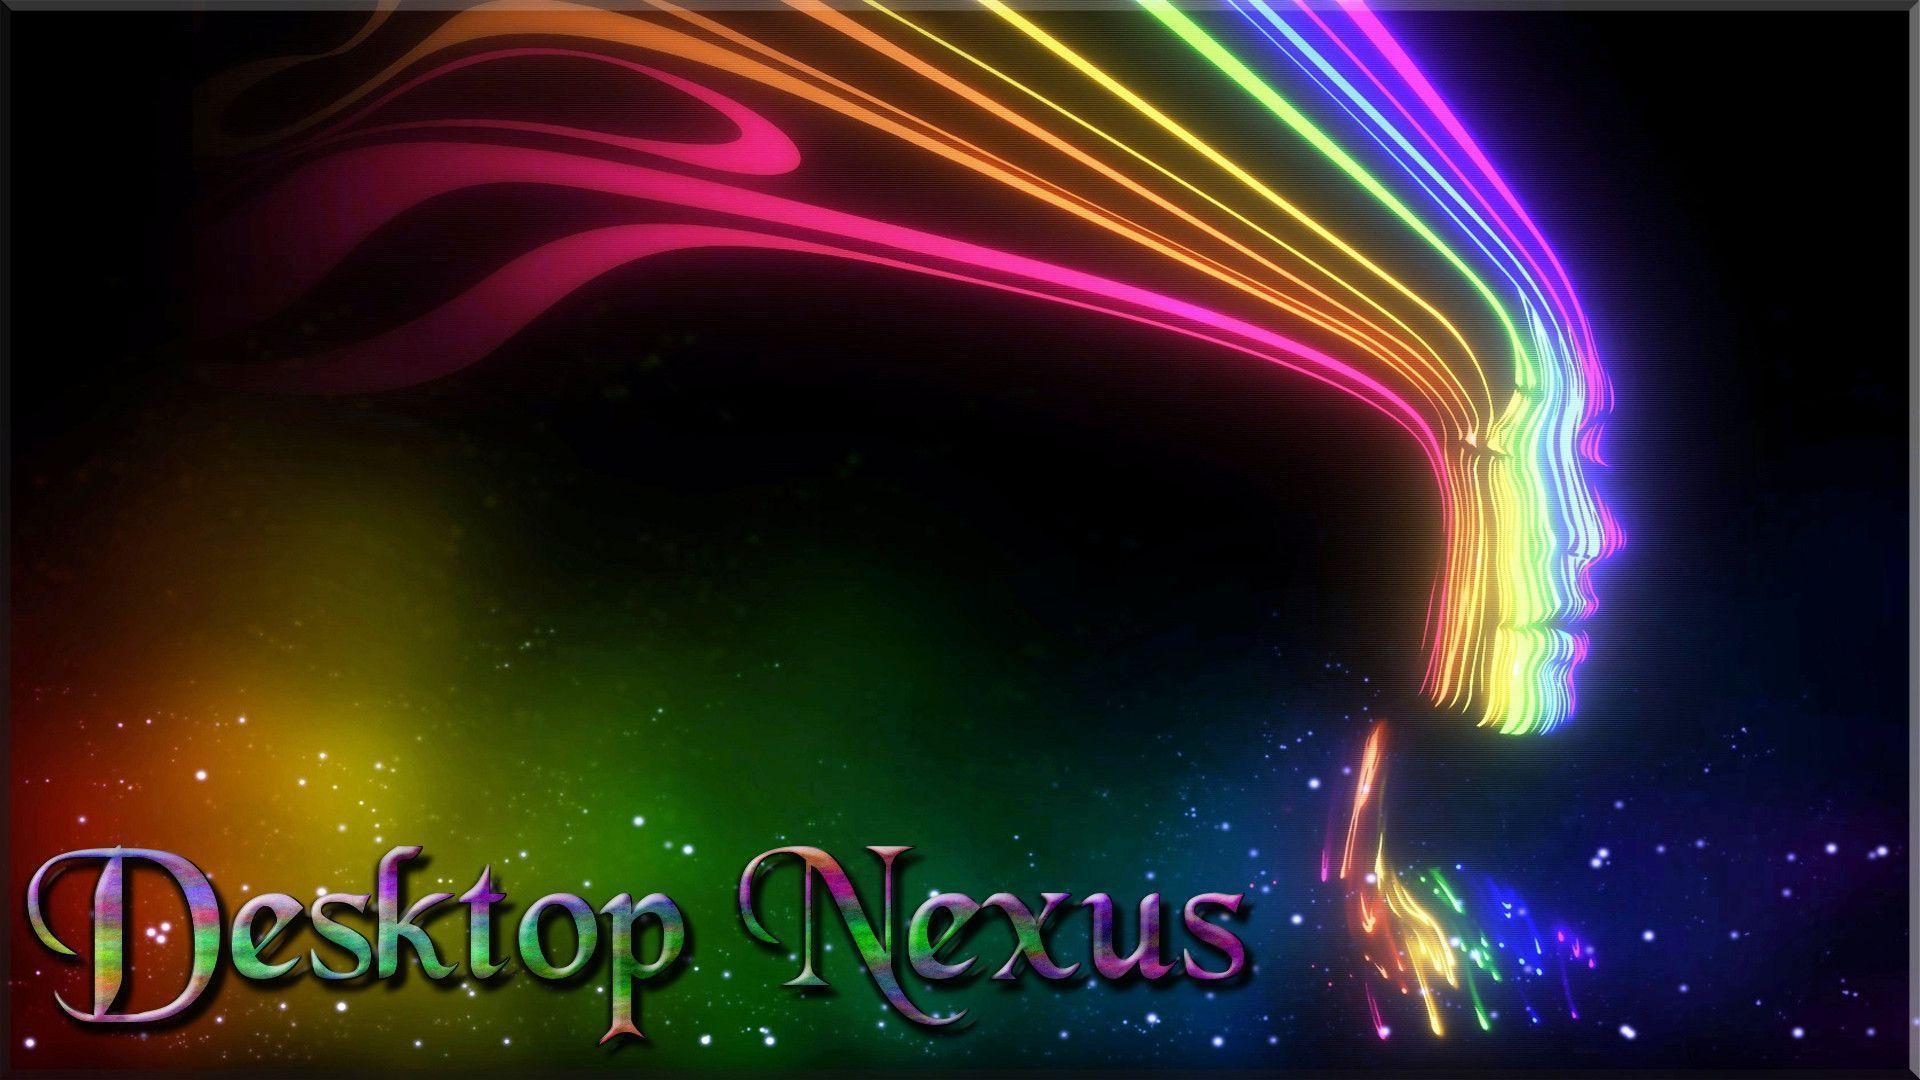 Desktop Nexus Wallpapers - Wallpaper cave